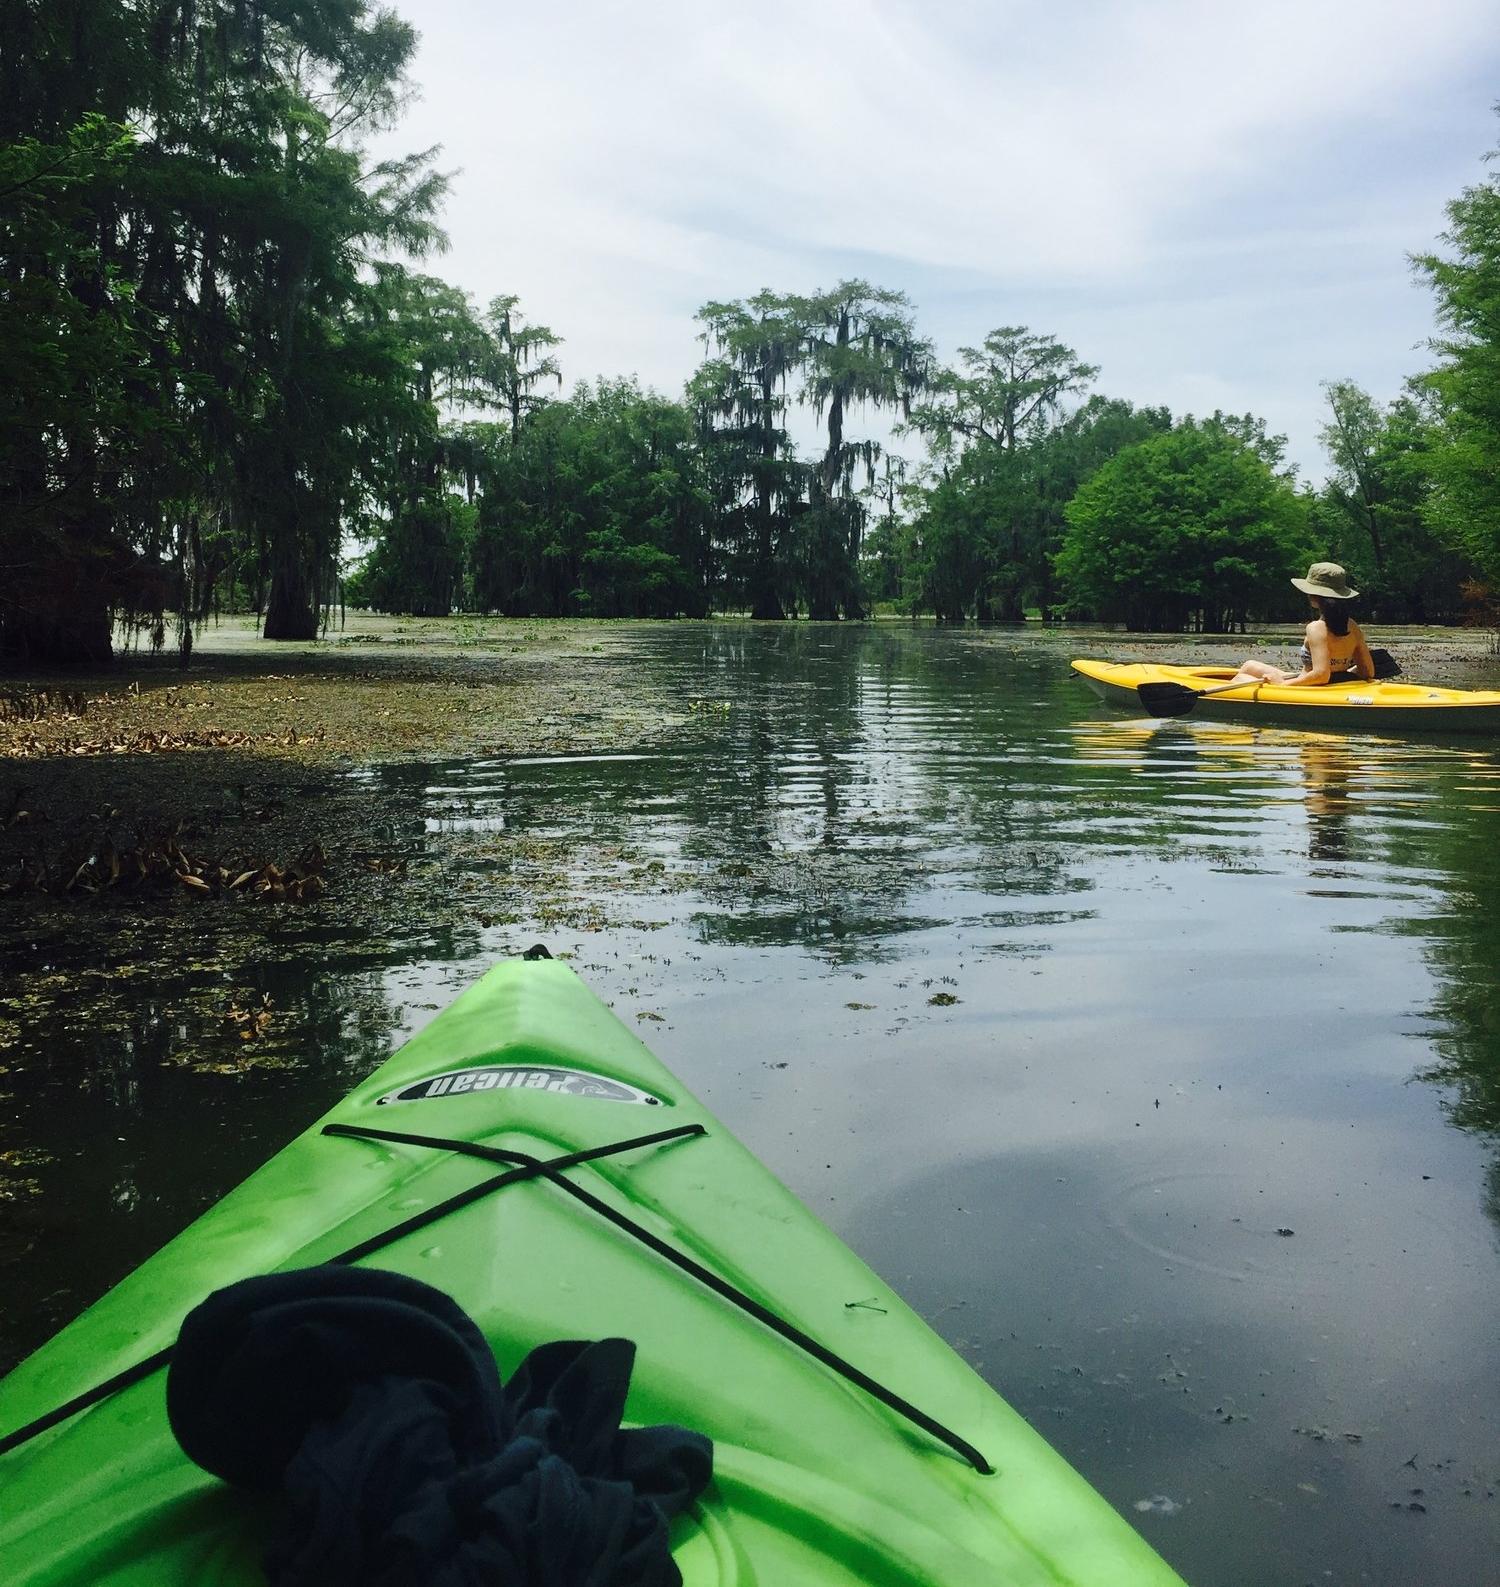 Swamp kayaking near New Orleans.